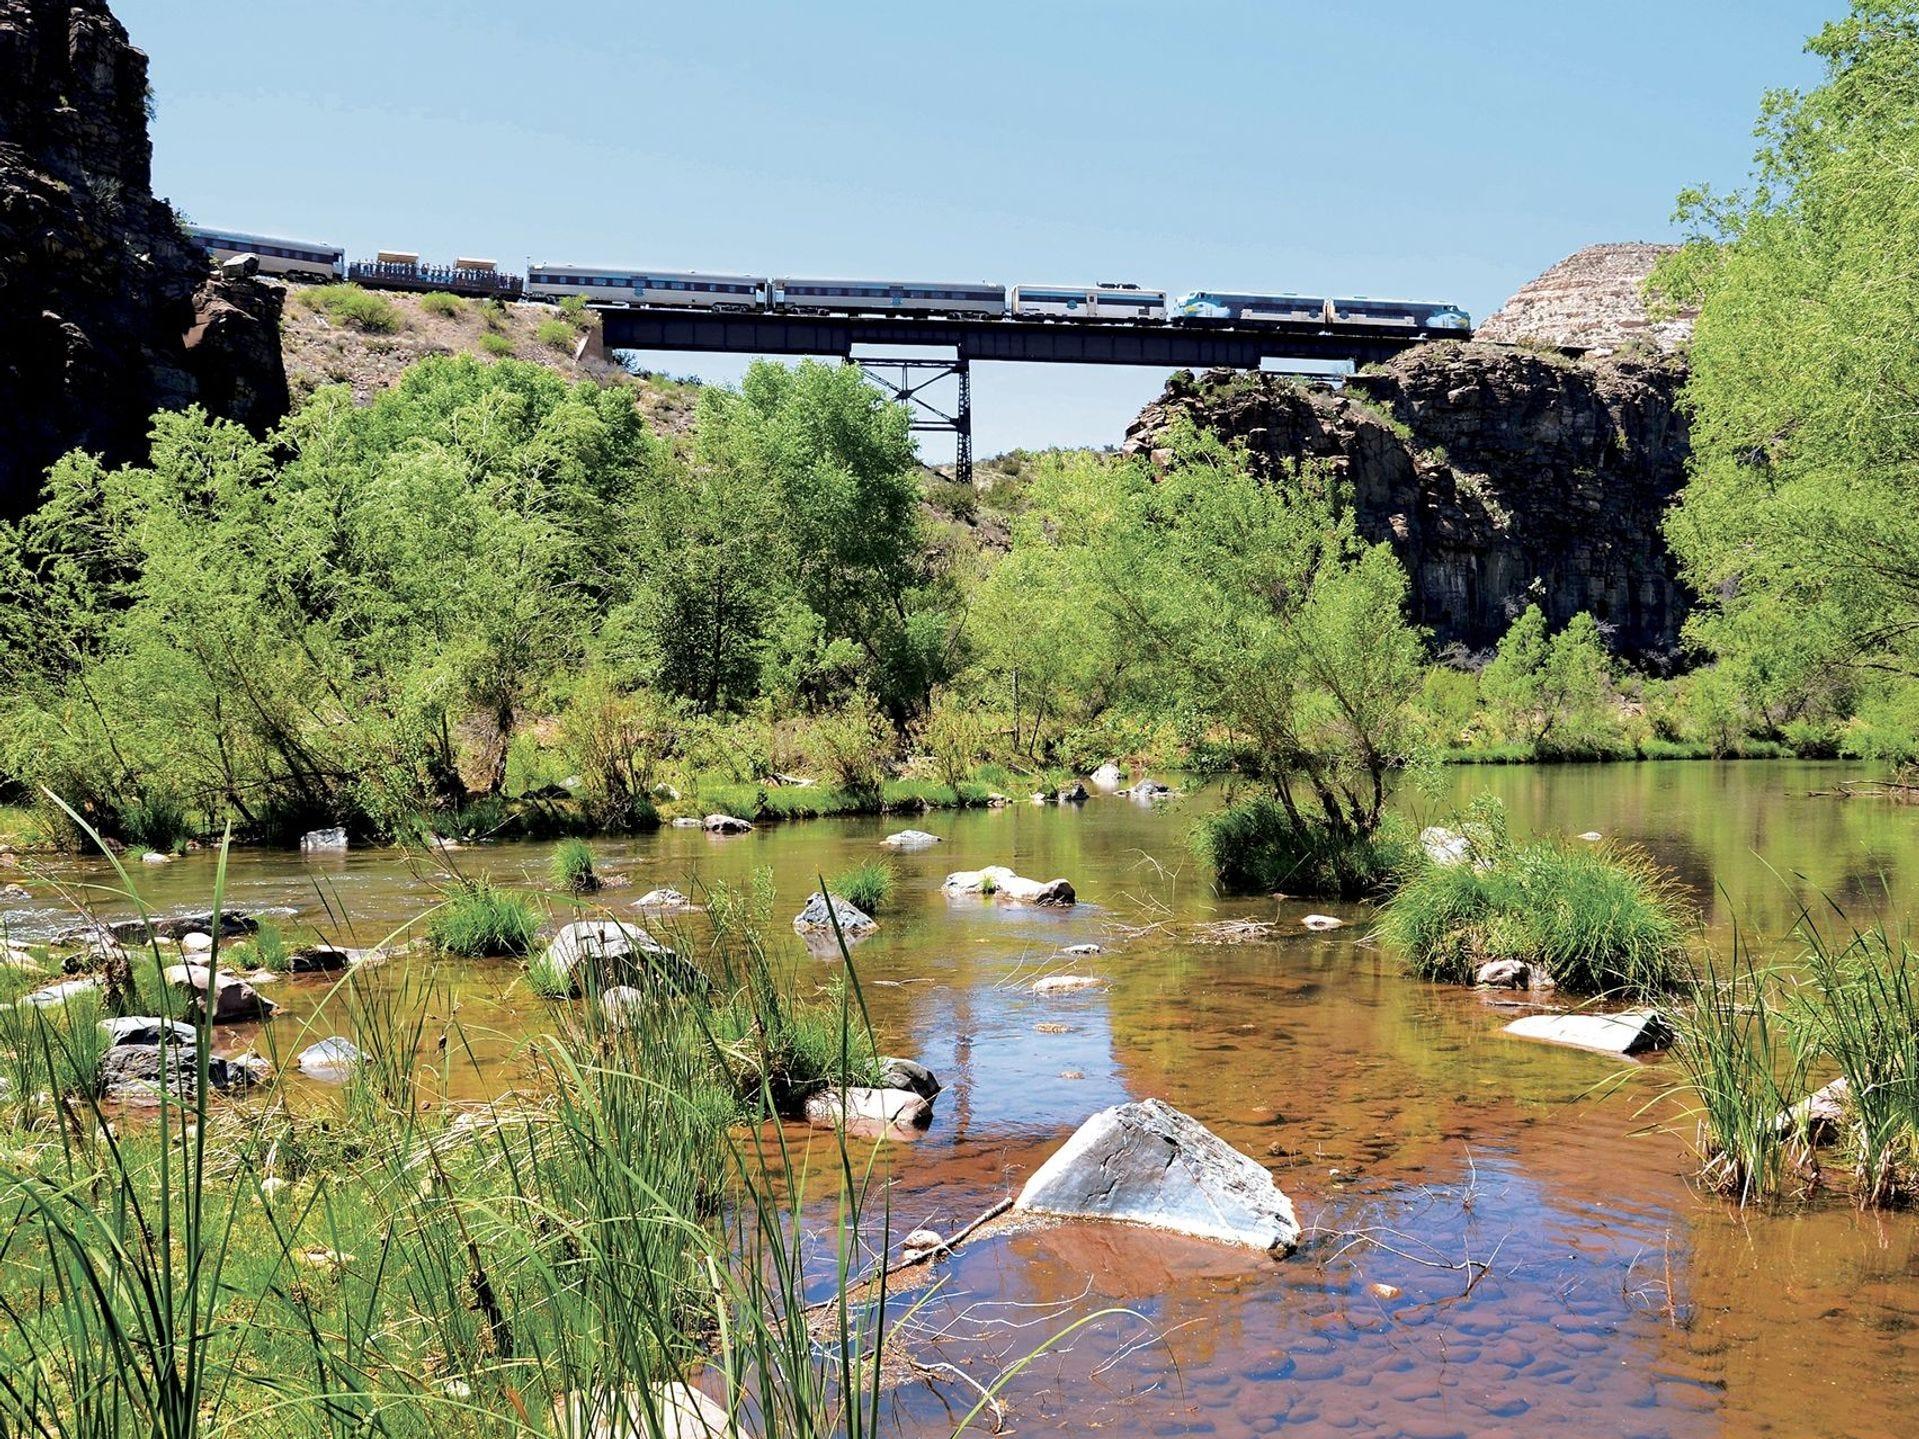 El Verde Canyon Railroad parte de Clarkdale en un viaje redondo de 40 millas a una naturaleza remota y pintoresca.